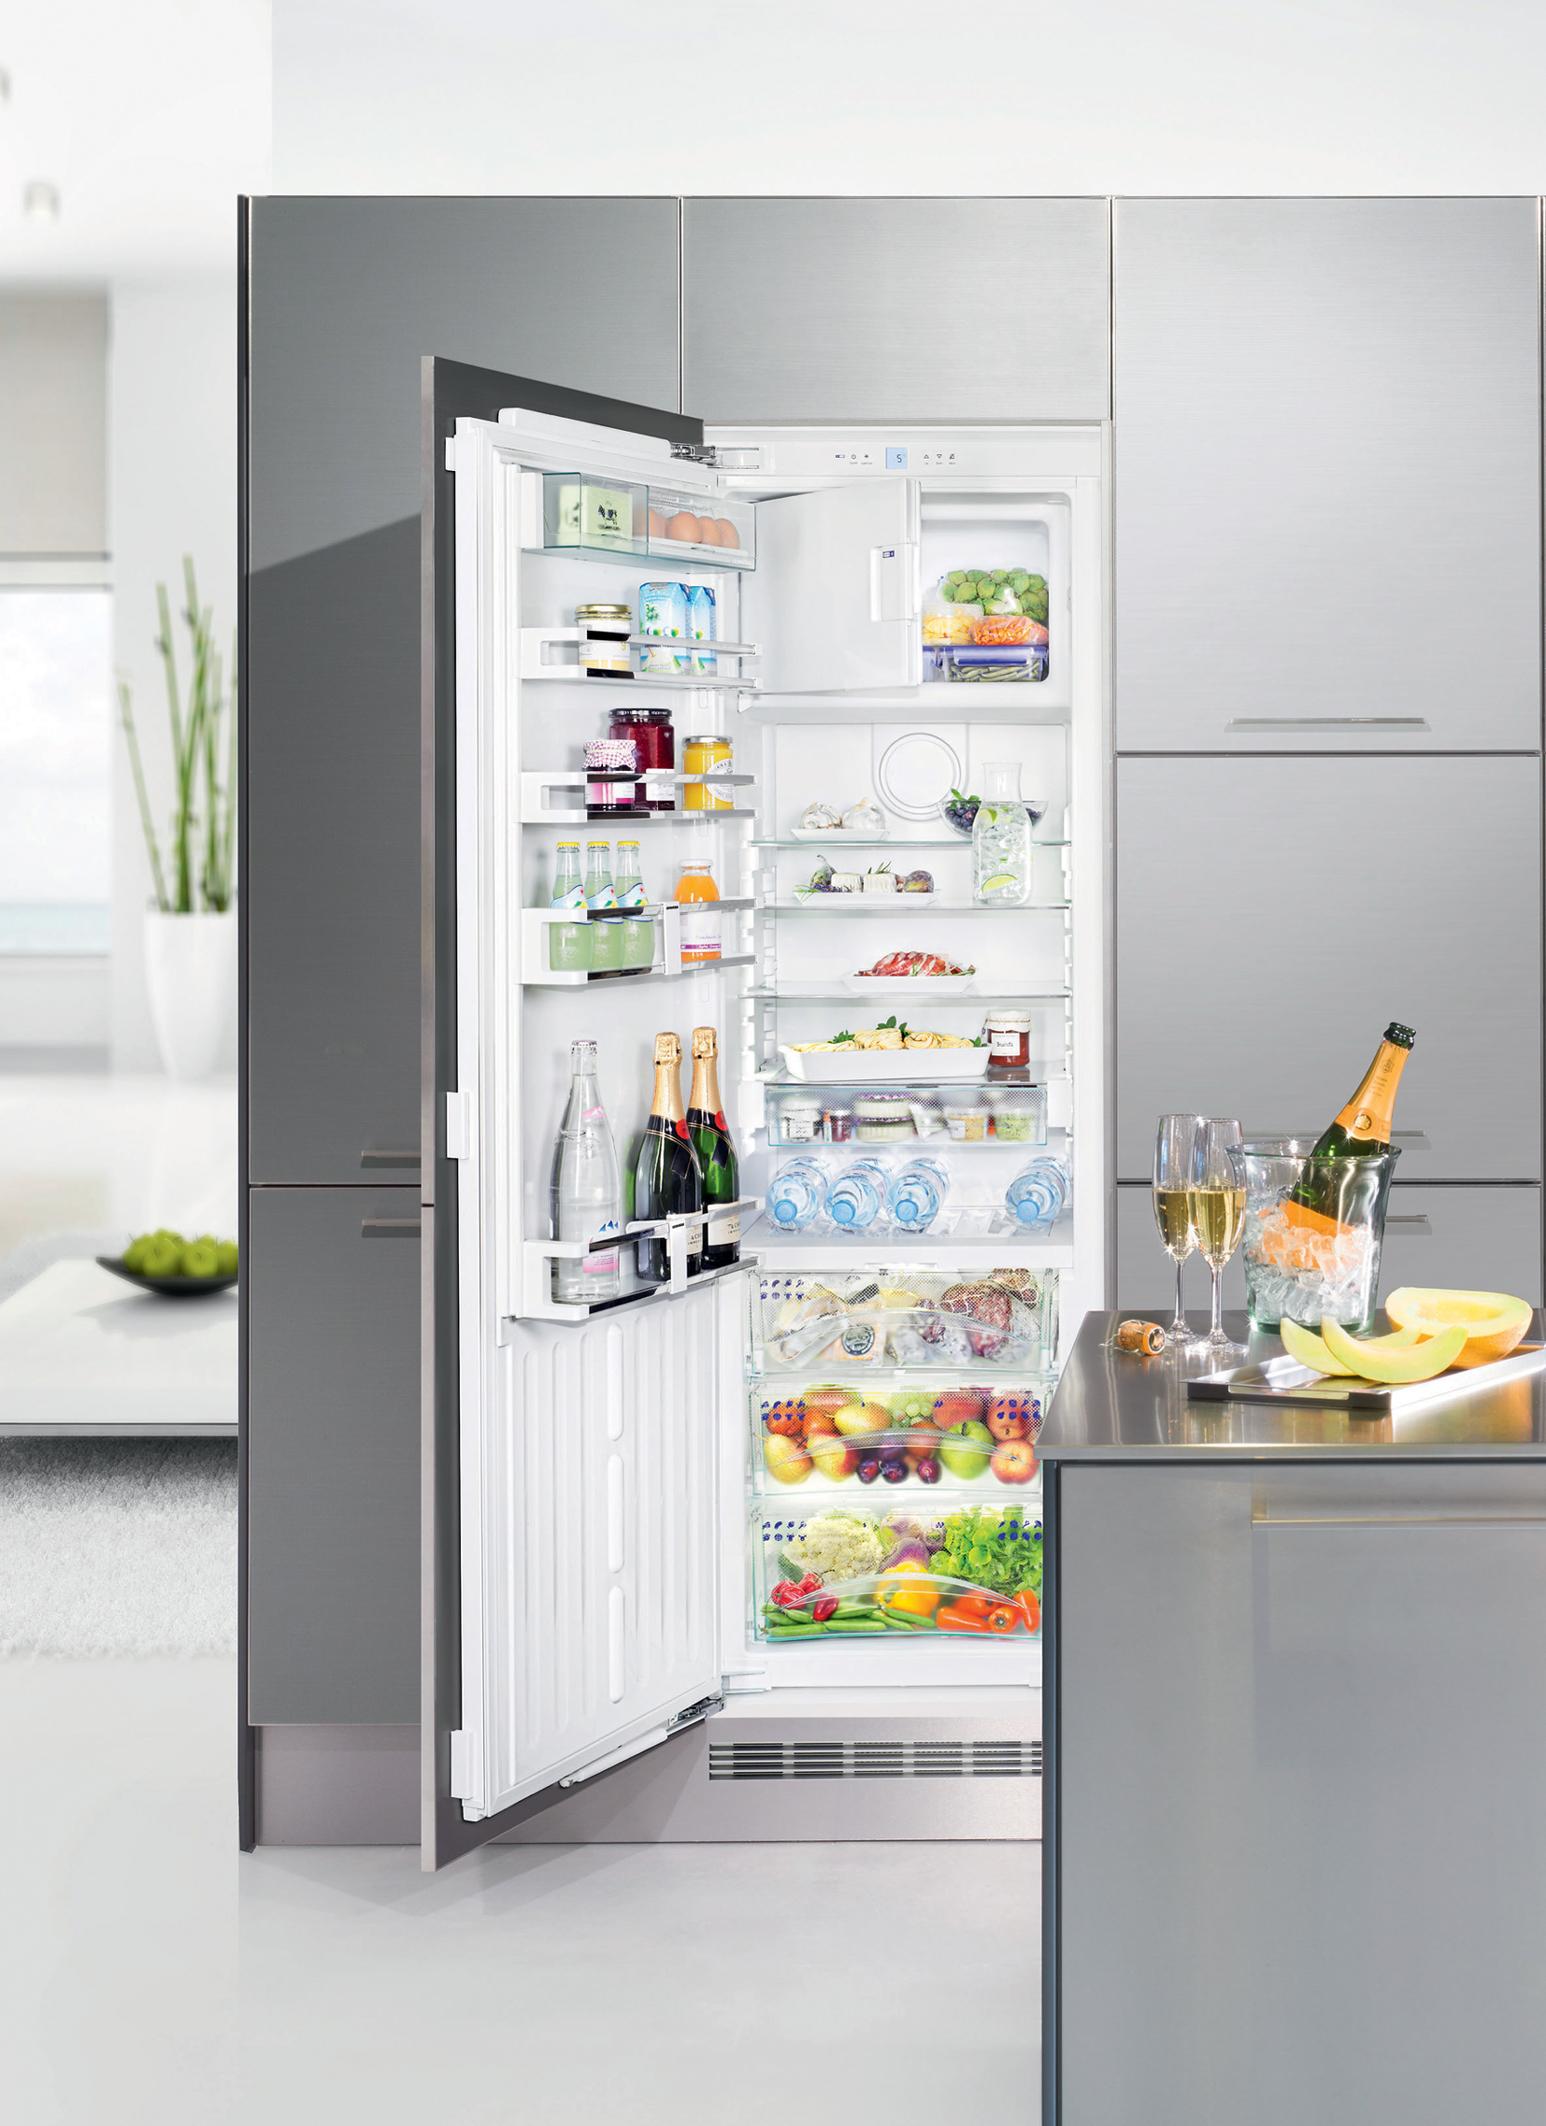 Kühlschrank Mit Eiswürfelmaker einbau kühlschrank mit eiswürfel küchen kaufen billig